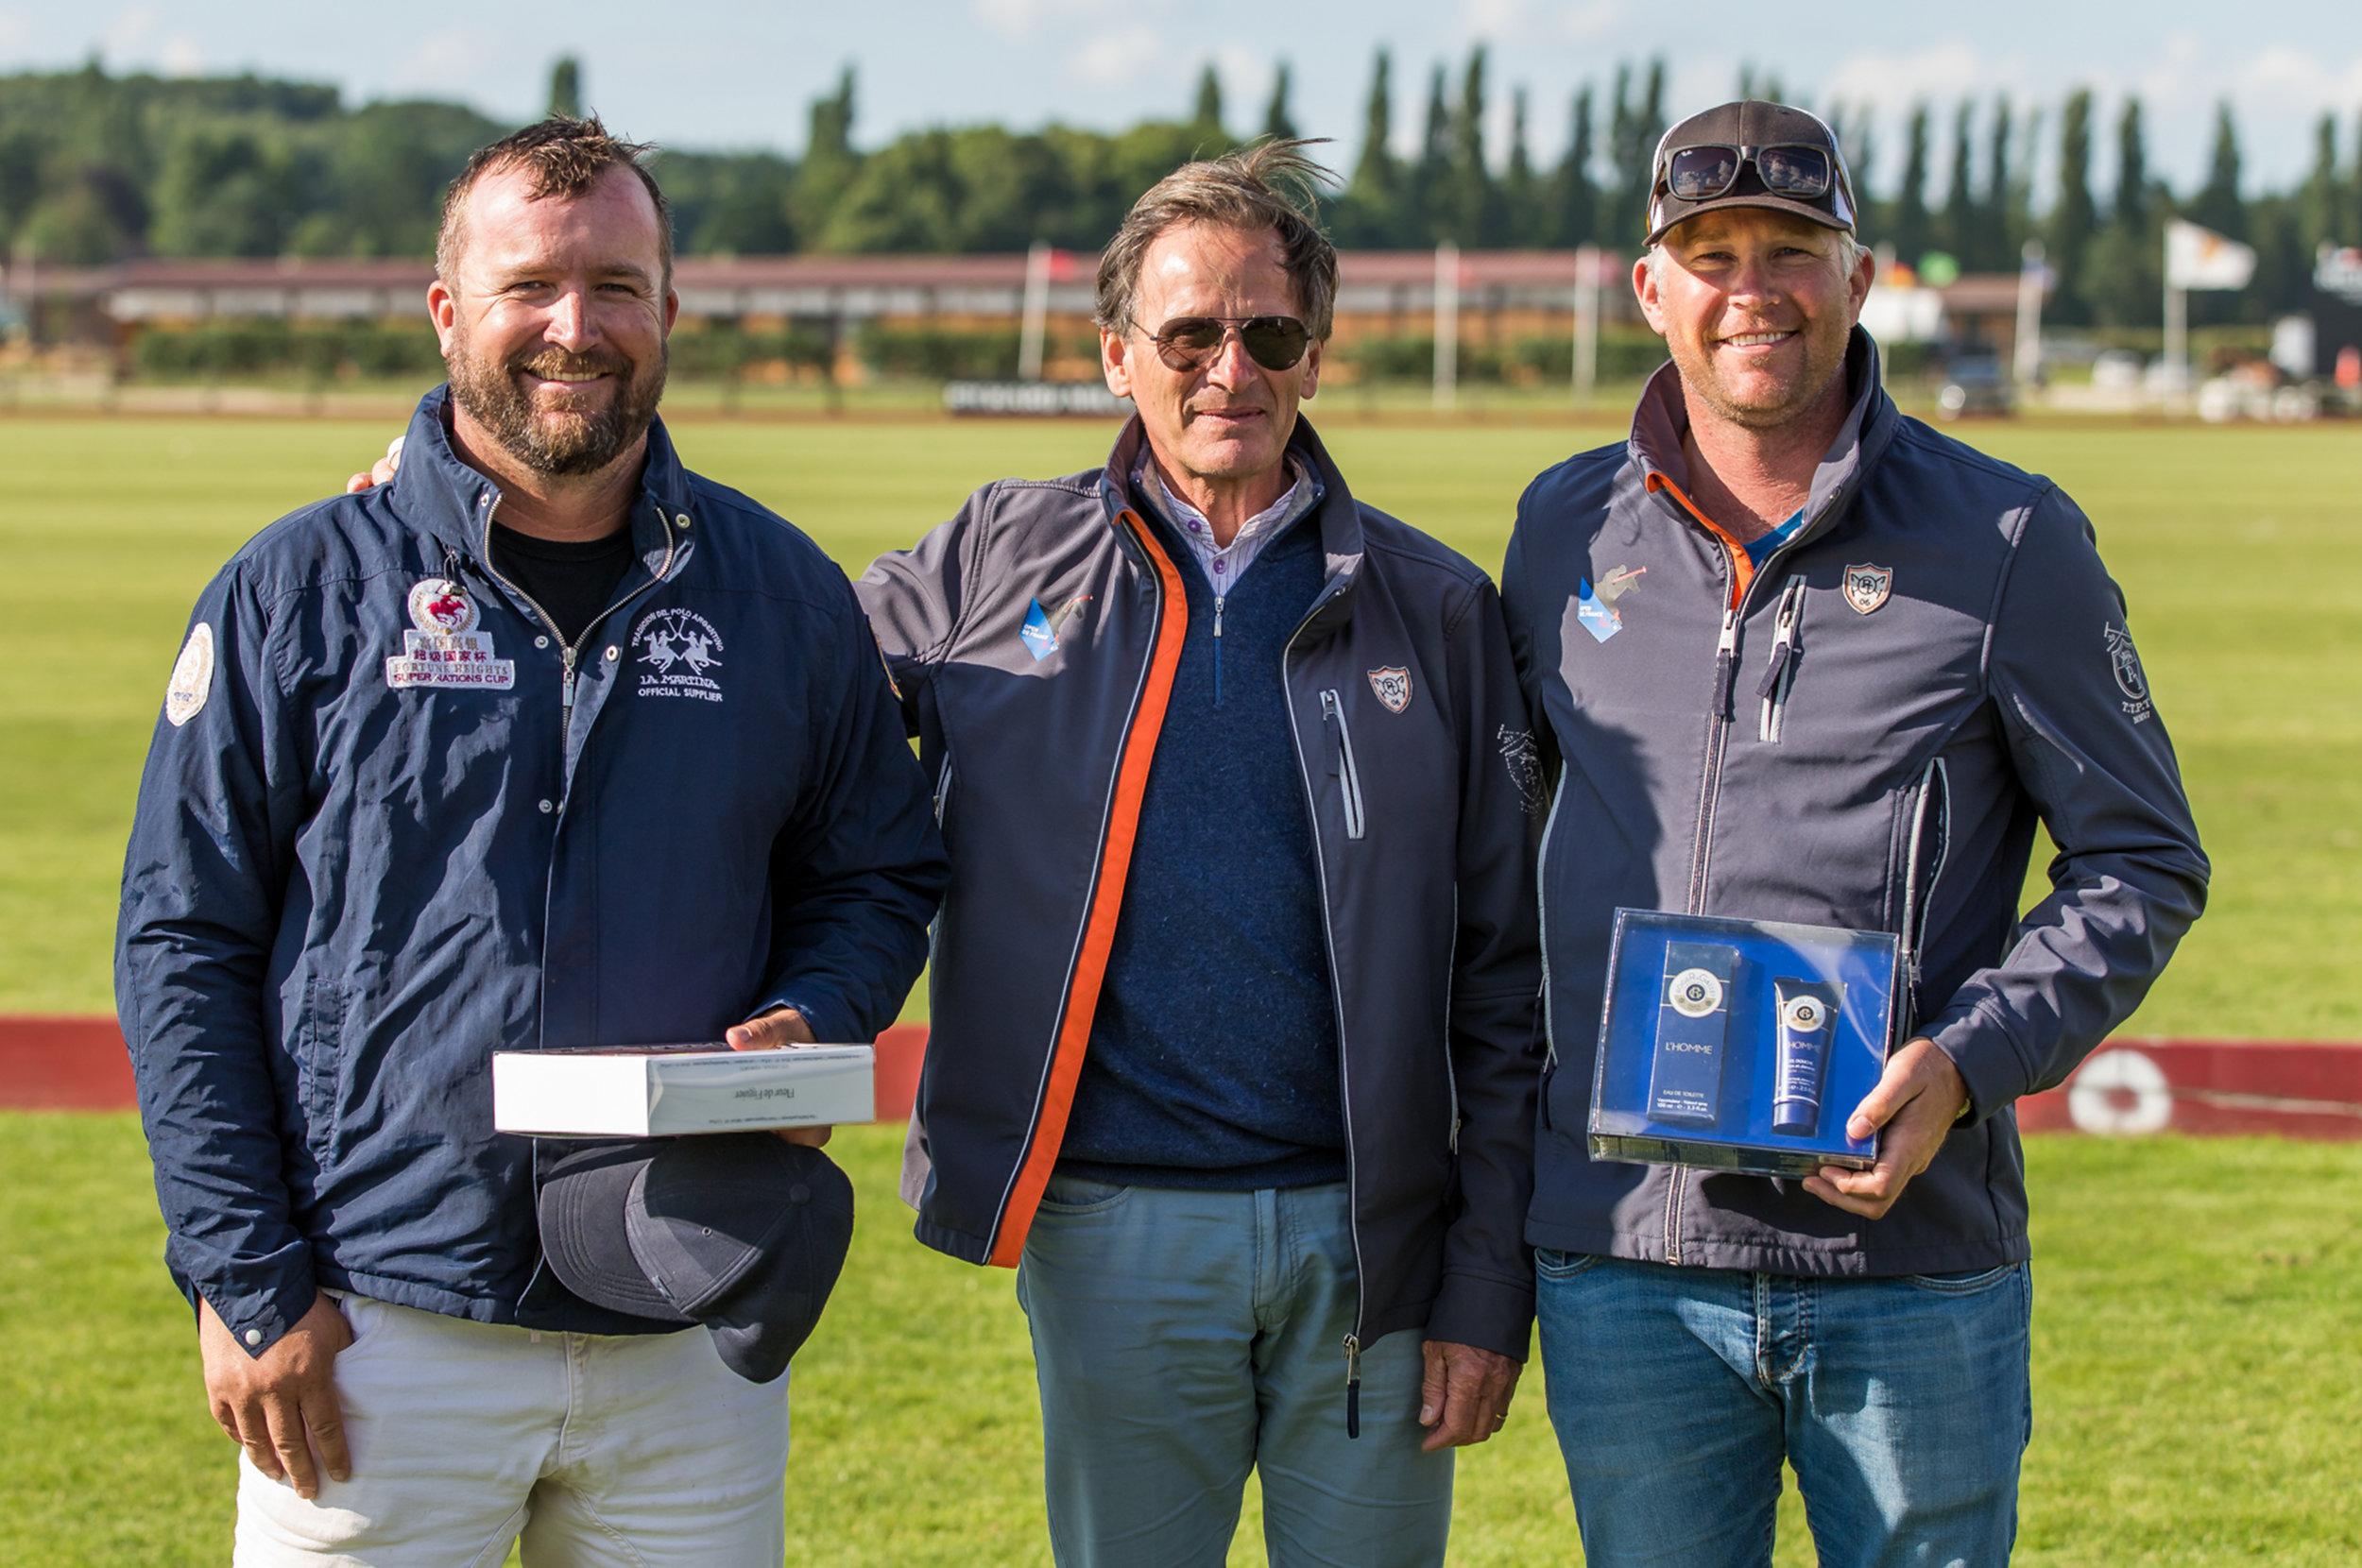 Philippe Perrier, Directeur Général du Polo Club du Domainde de Chantilly, entouré des deux arbitres officiels du club  Philippe Perrier,General Manager of Chantilly Polo Club, with the two offcial club umpires.